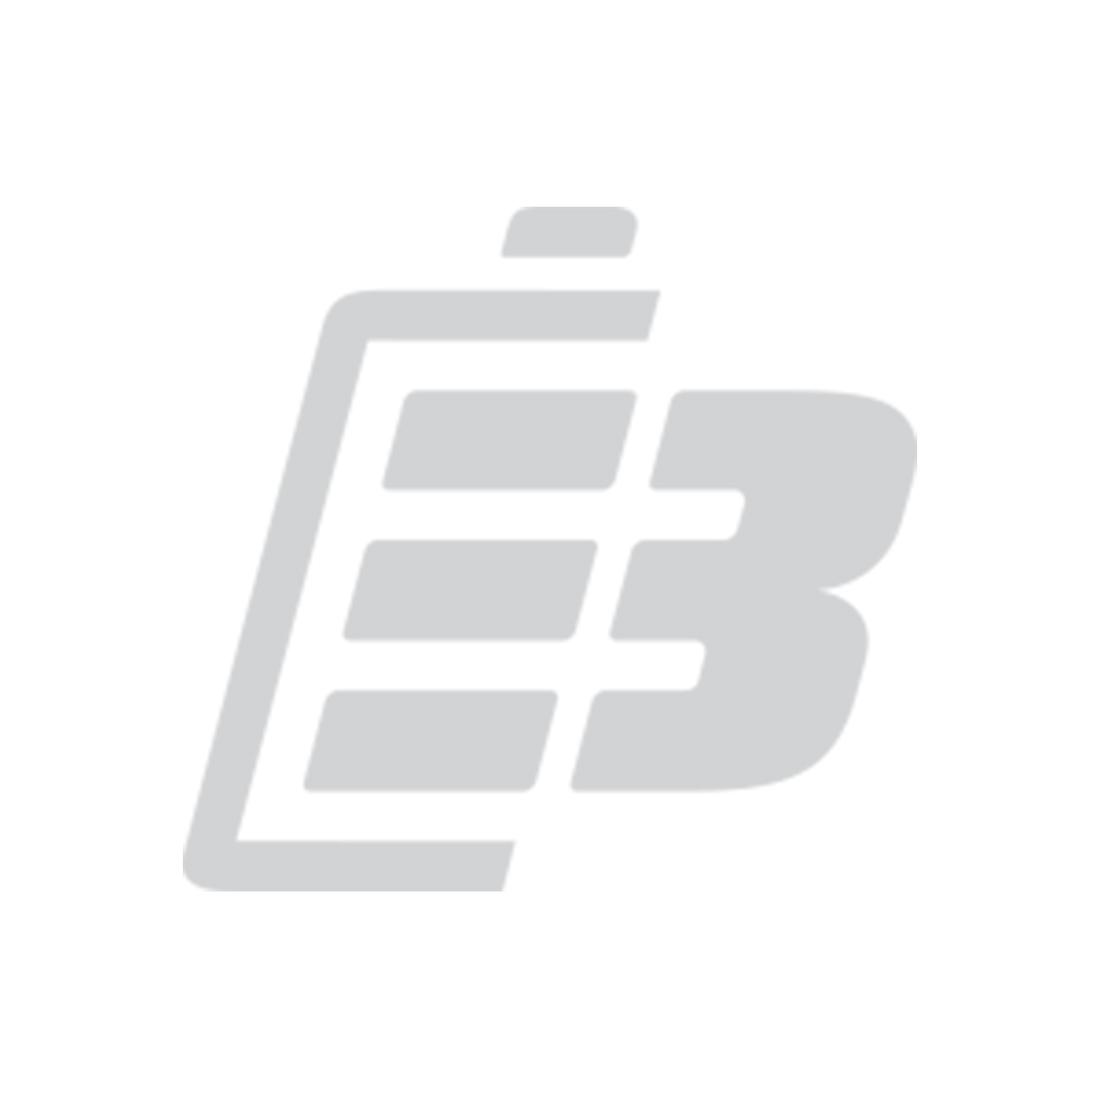 Μπαταρία smartphone Lenovo S60_1